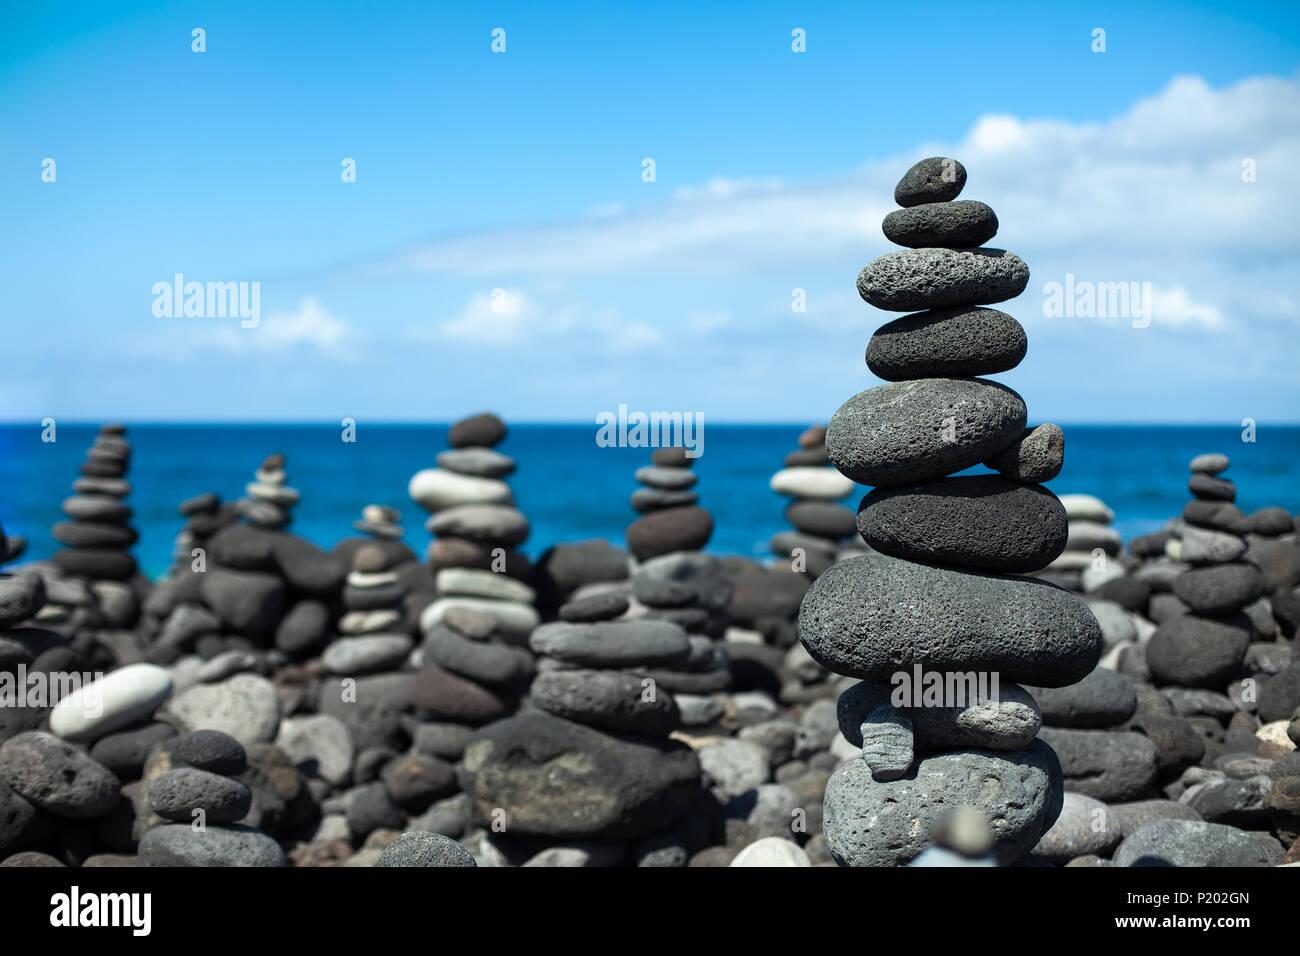 Pyramides de pierres sur une plage de galets à Tenerife, Îles Canaries, Espagne. Concept de l'harmonie et l'équilibre Photo Stock